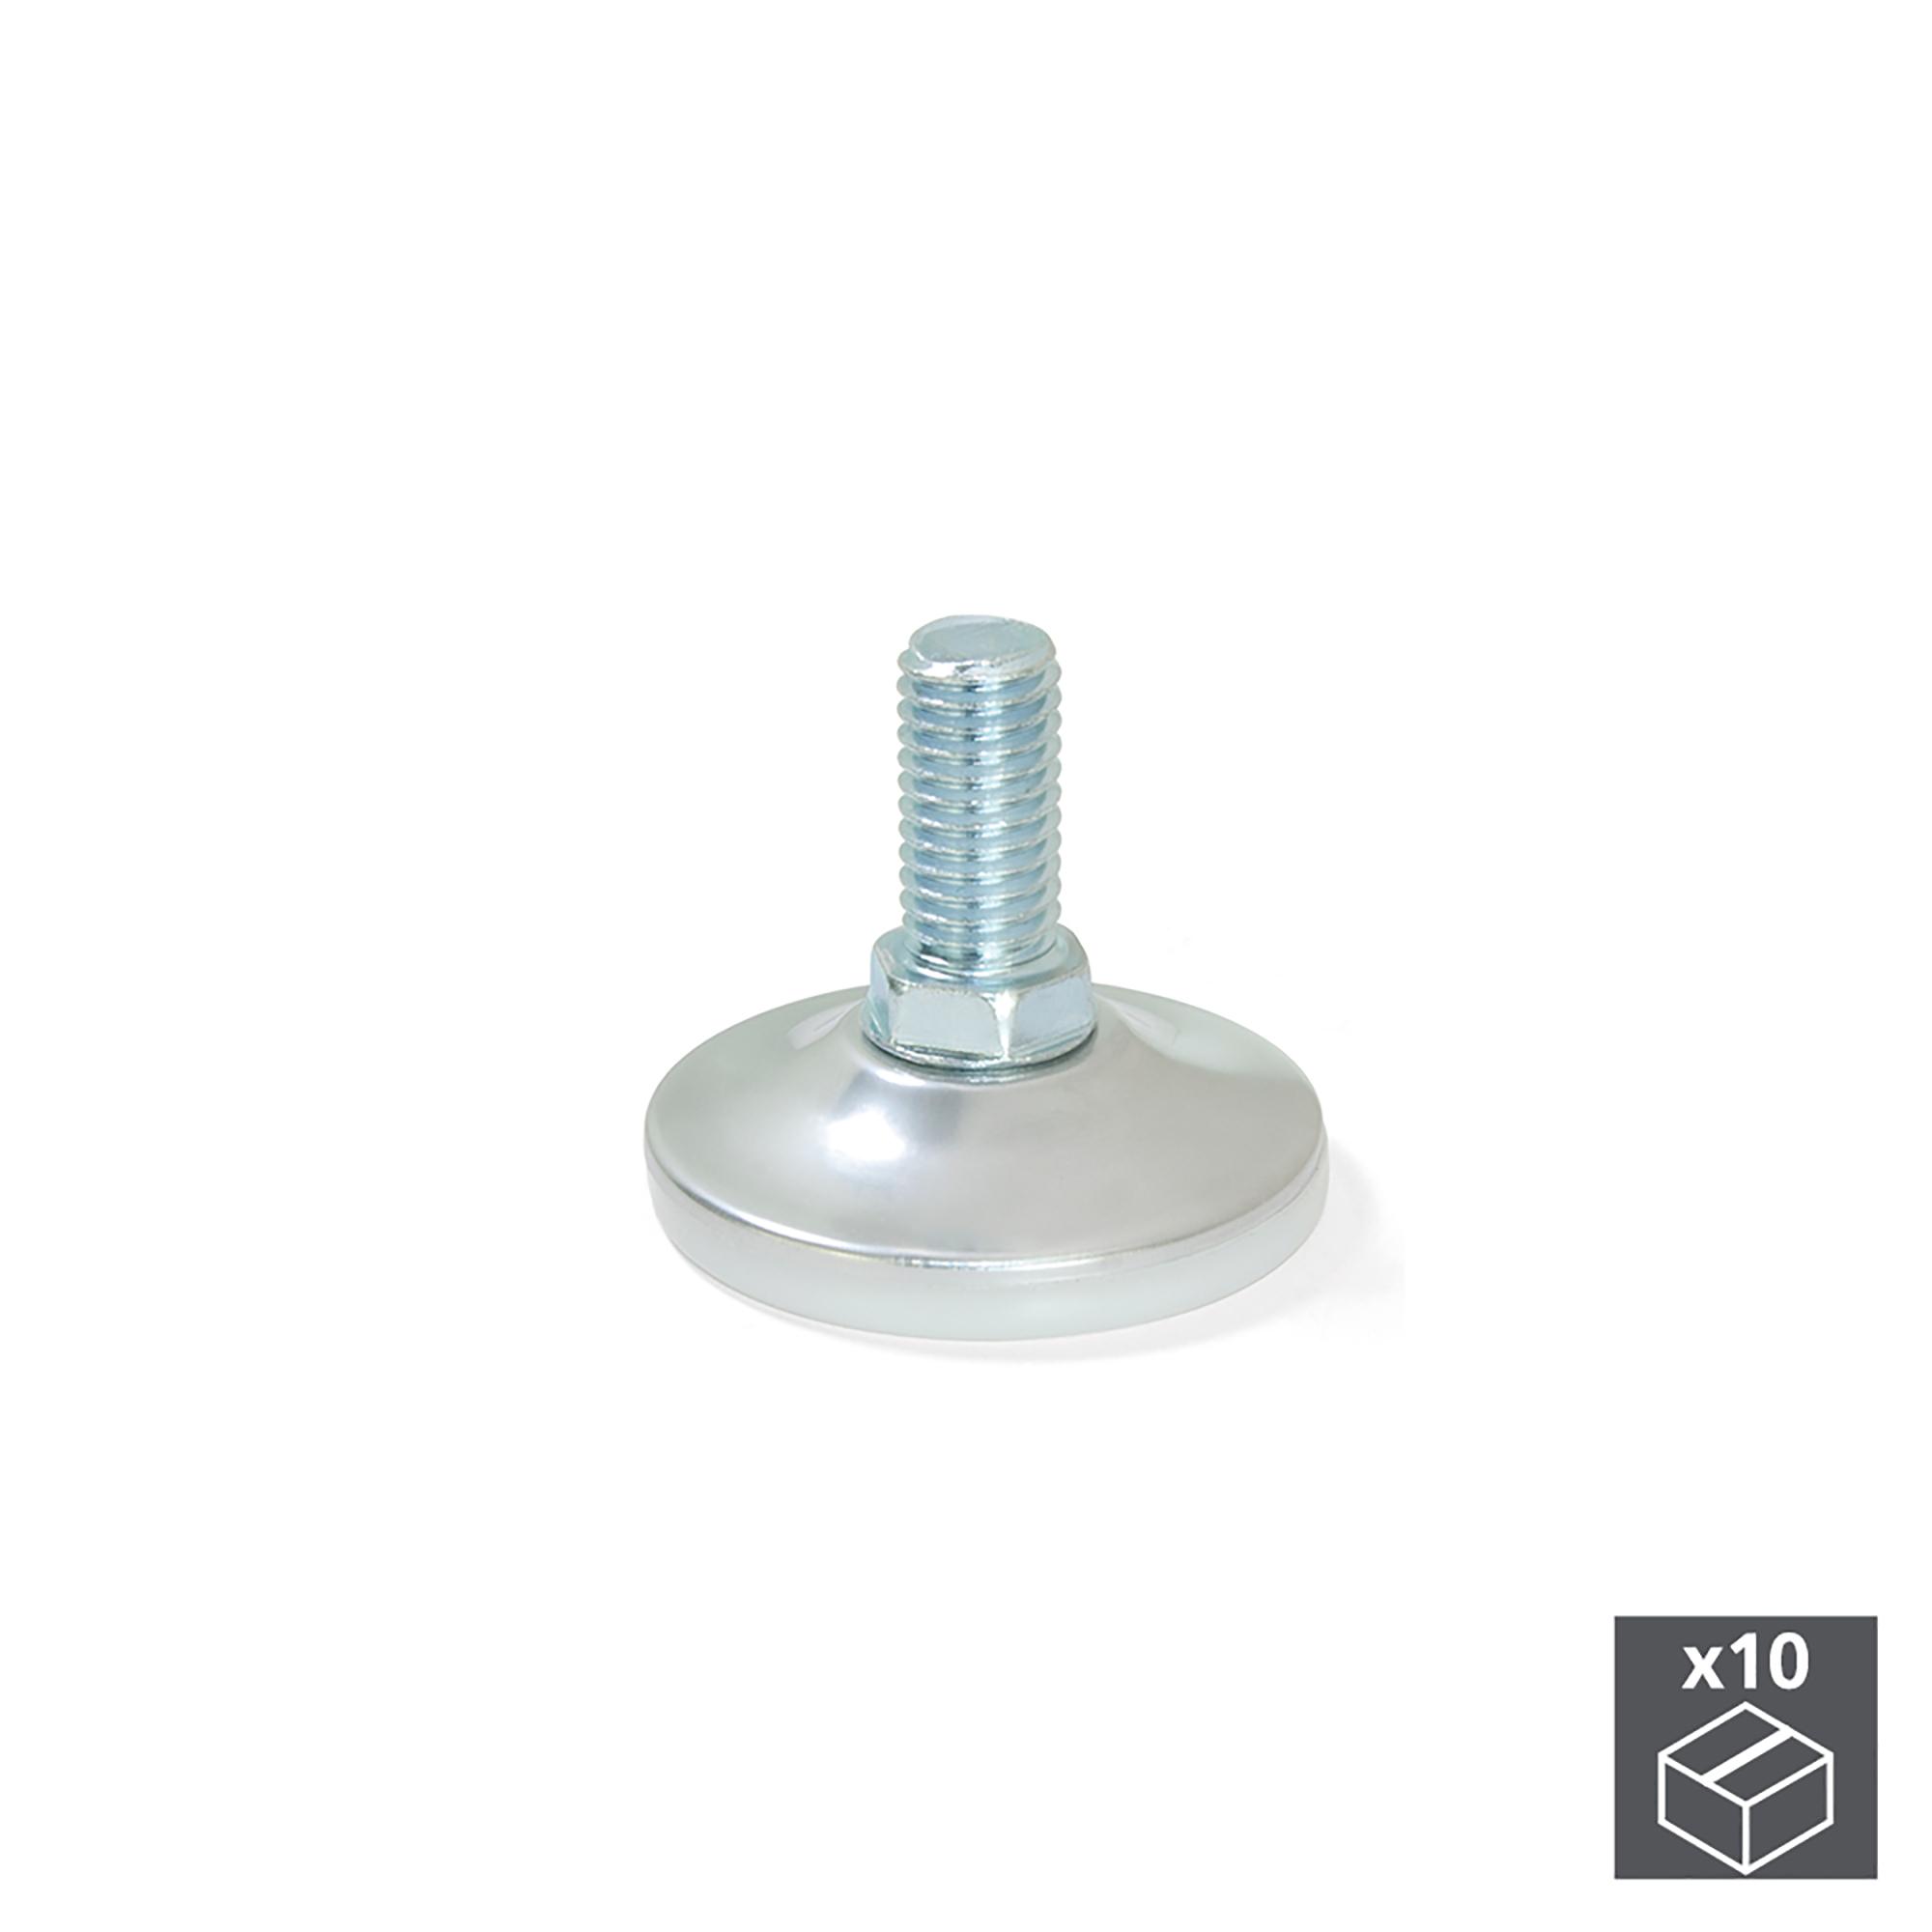 Emuca Regolabili per mobile, base circolare, M10, D. 43 mm, altezza 37 mm, Acciaio, 10 u.